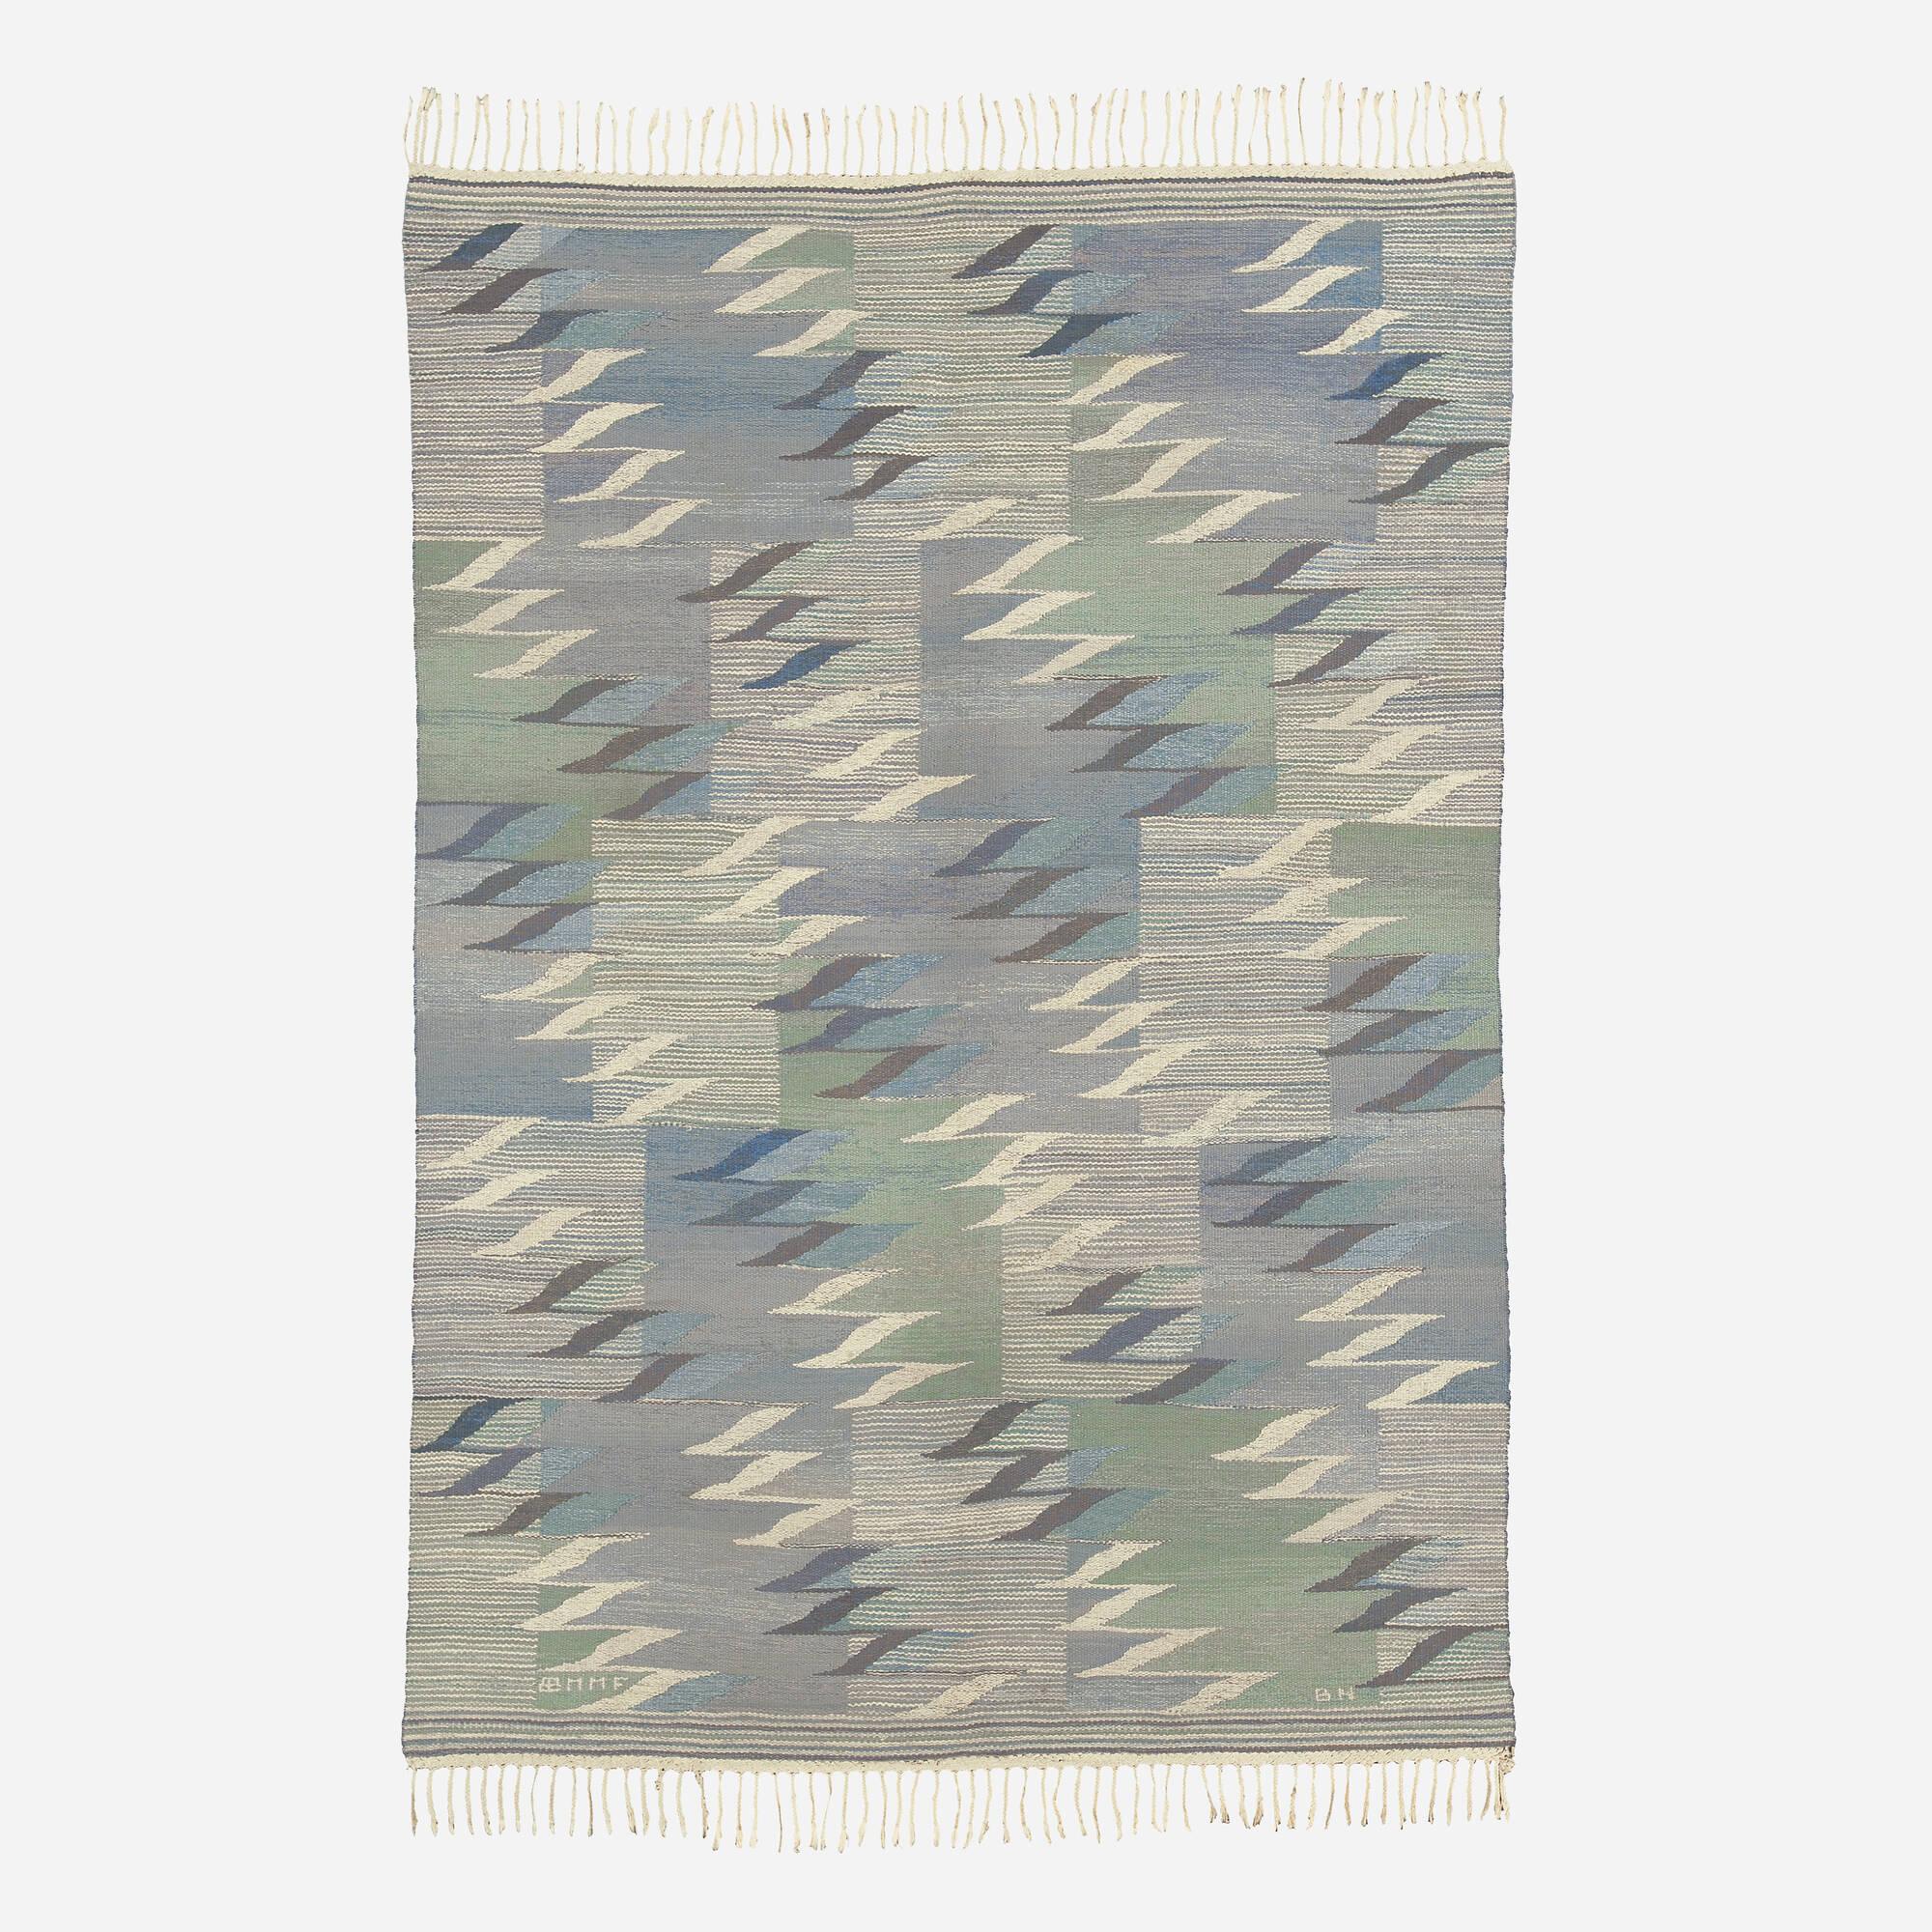 112: Barbro Nilsson / Snäcklösa tapestry weave carpet (1 of 1)